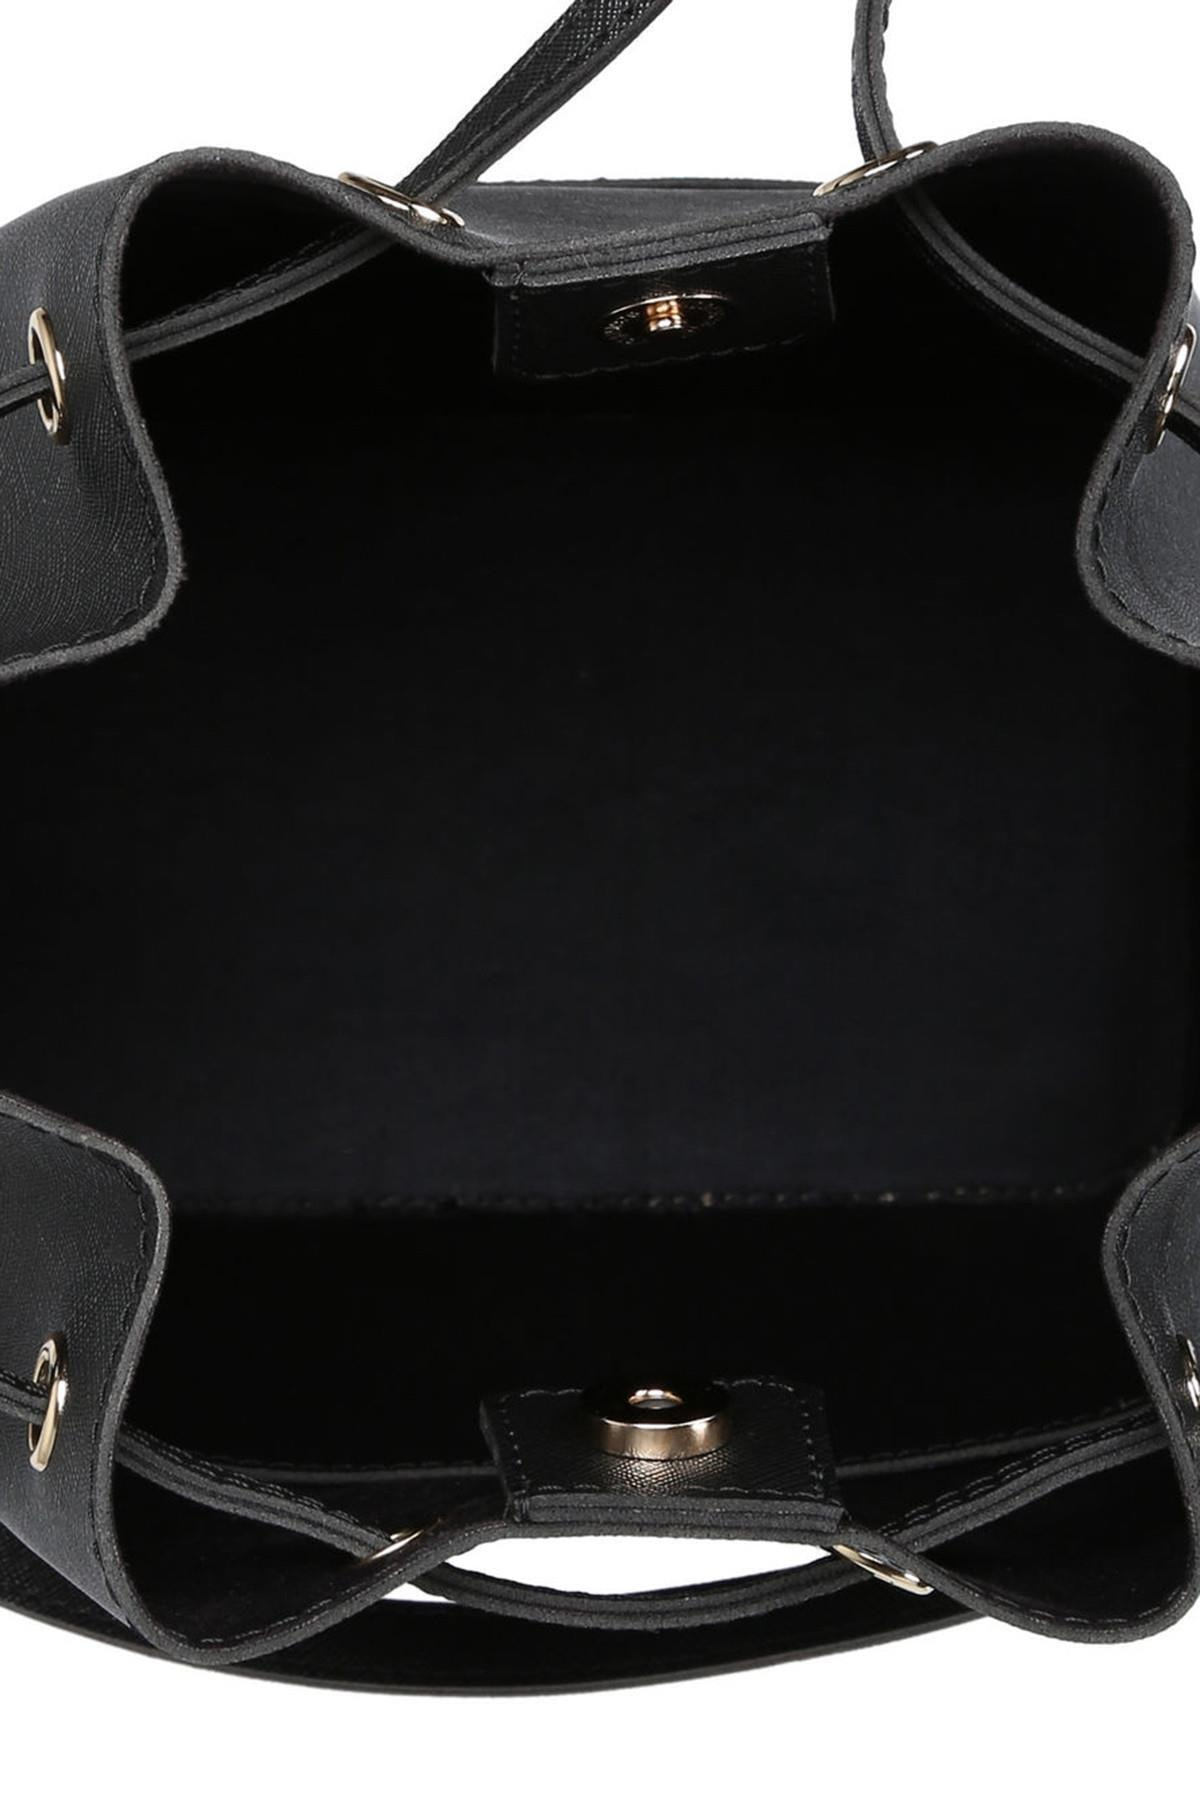 Beverly Hills Polo Club Kadın Büzgülü Omuz Çantası Siyah 2